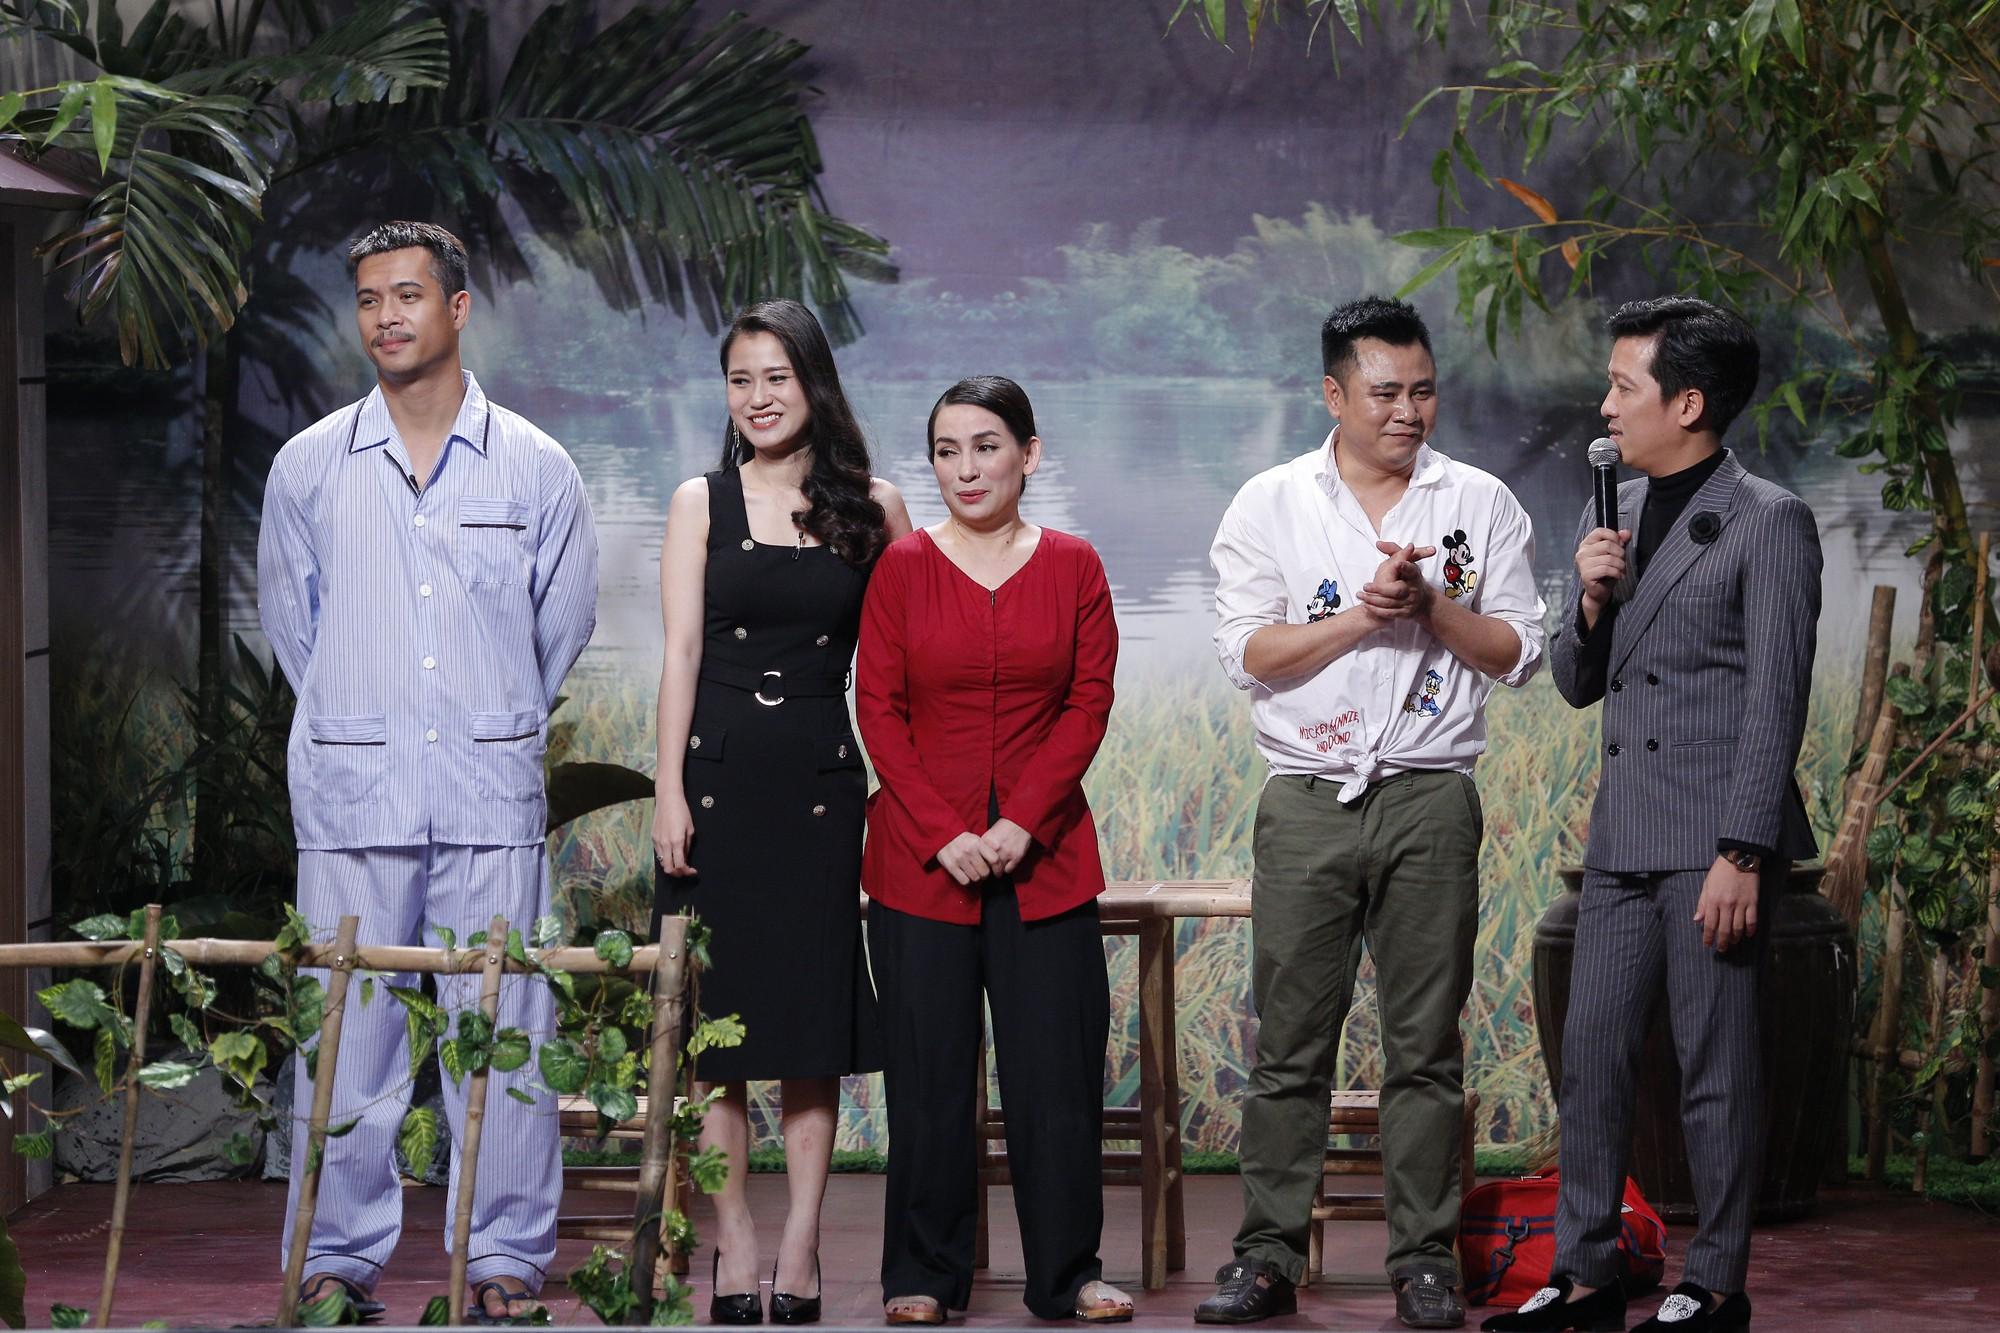 Hoài Linh hốt hoảng chạy lên sân khấu, dọa đánh Phi Nhung vì sợ lộ nhiều bí mật động trời - Ảnh 2.